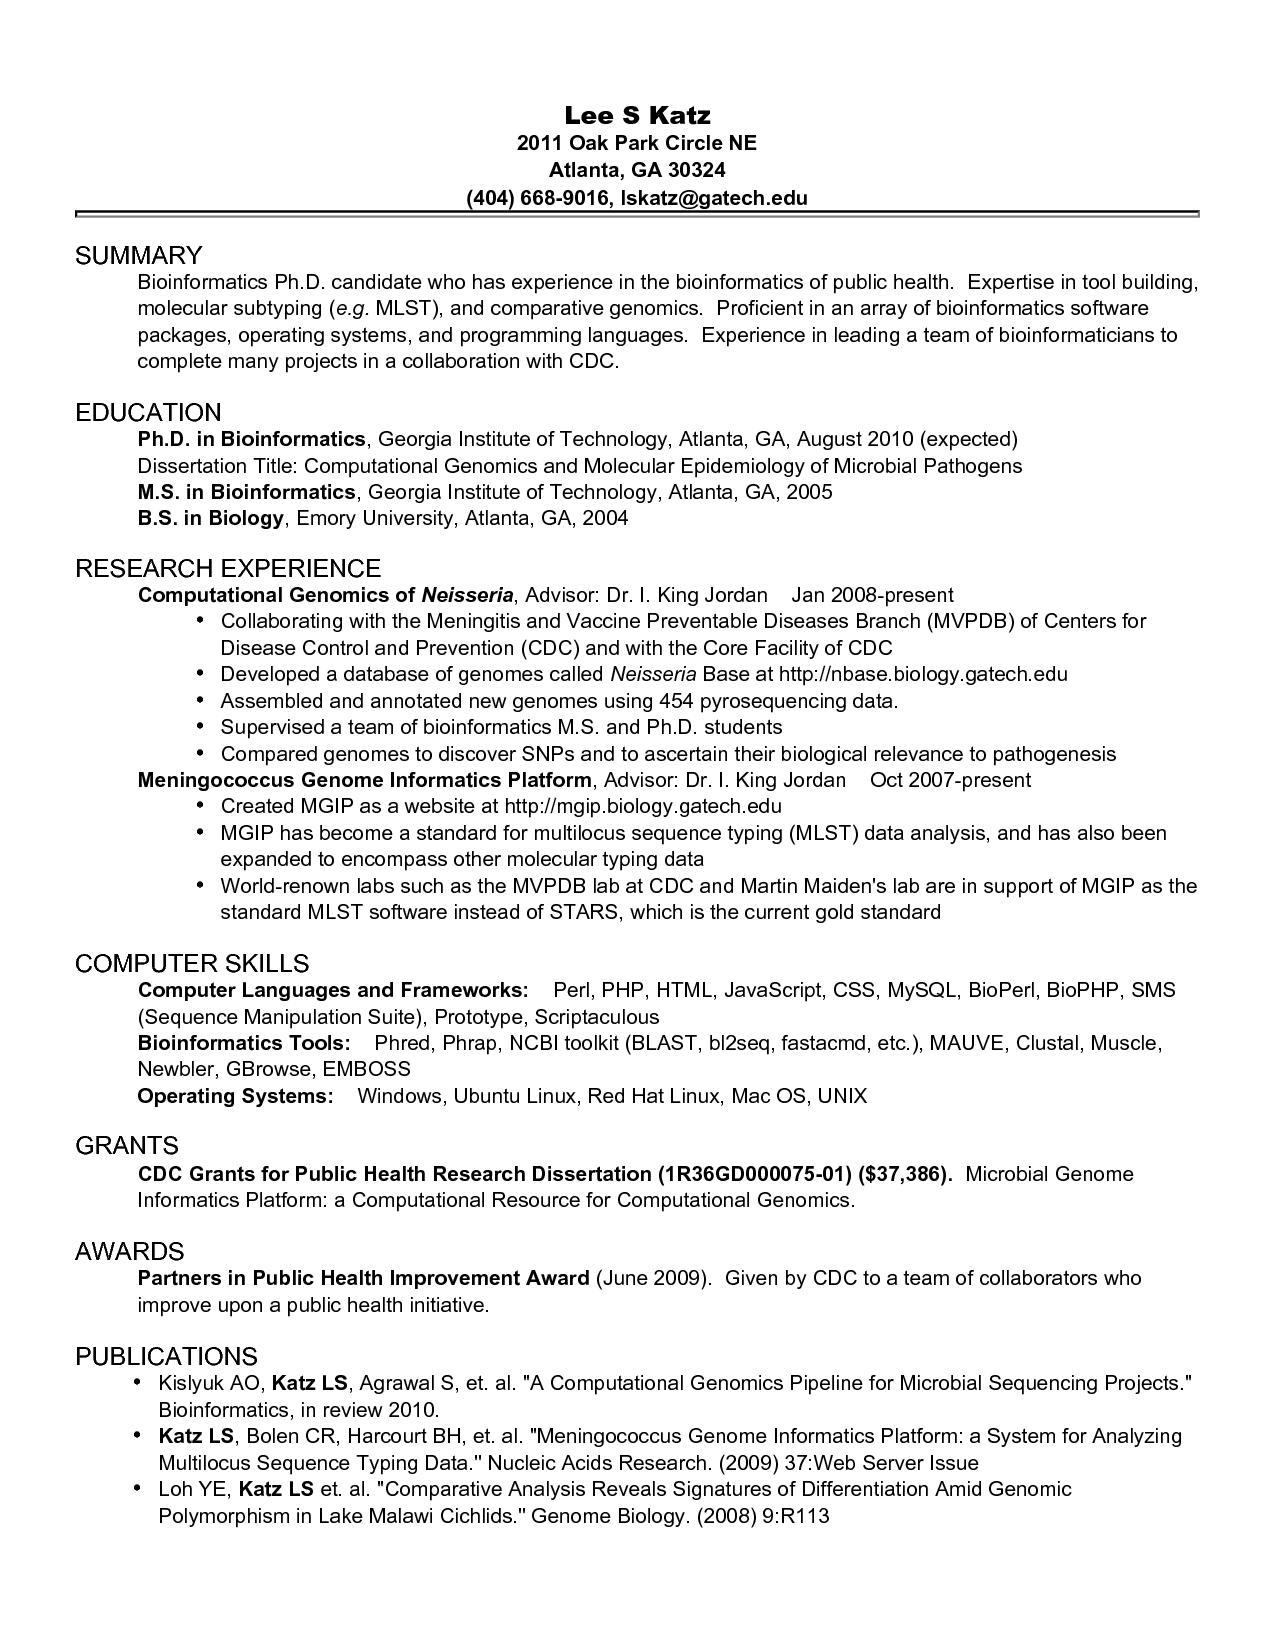 Curriculum Vitae Sample Academic